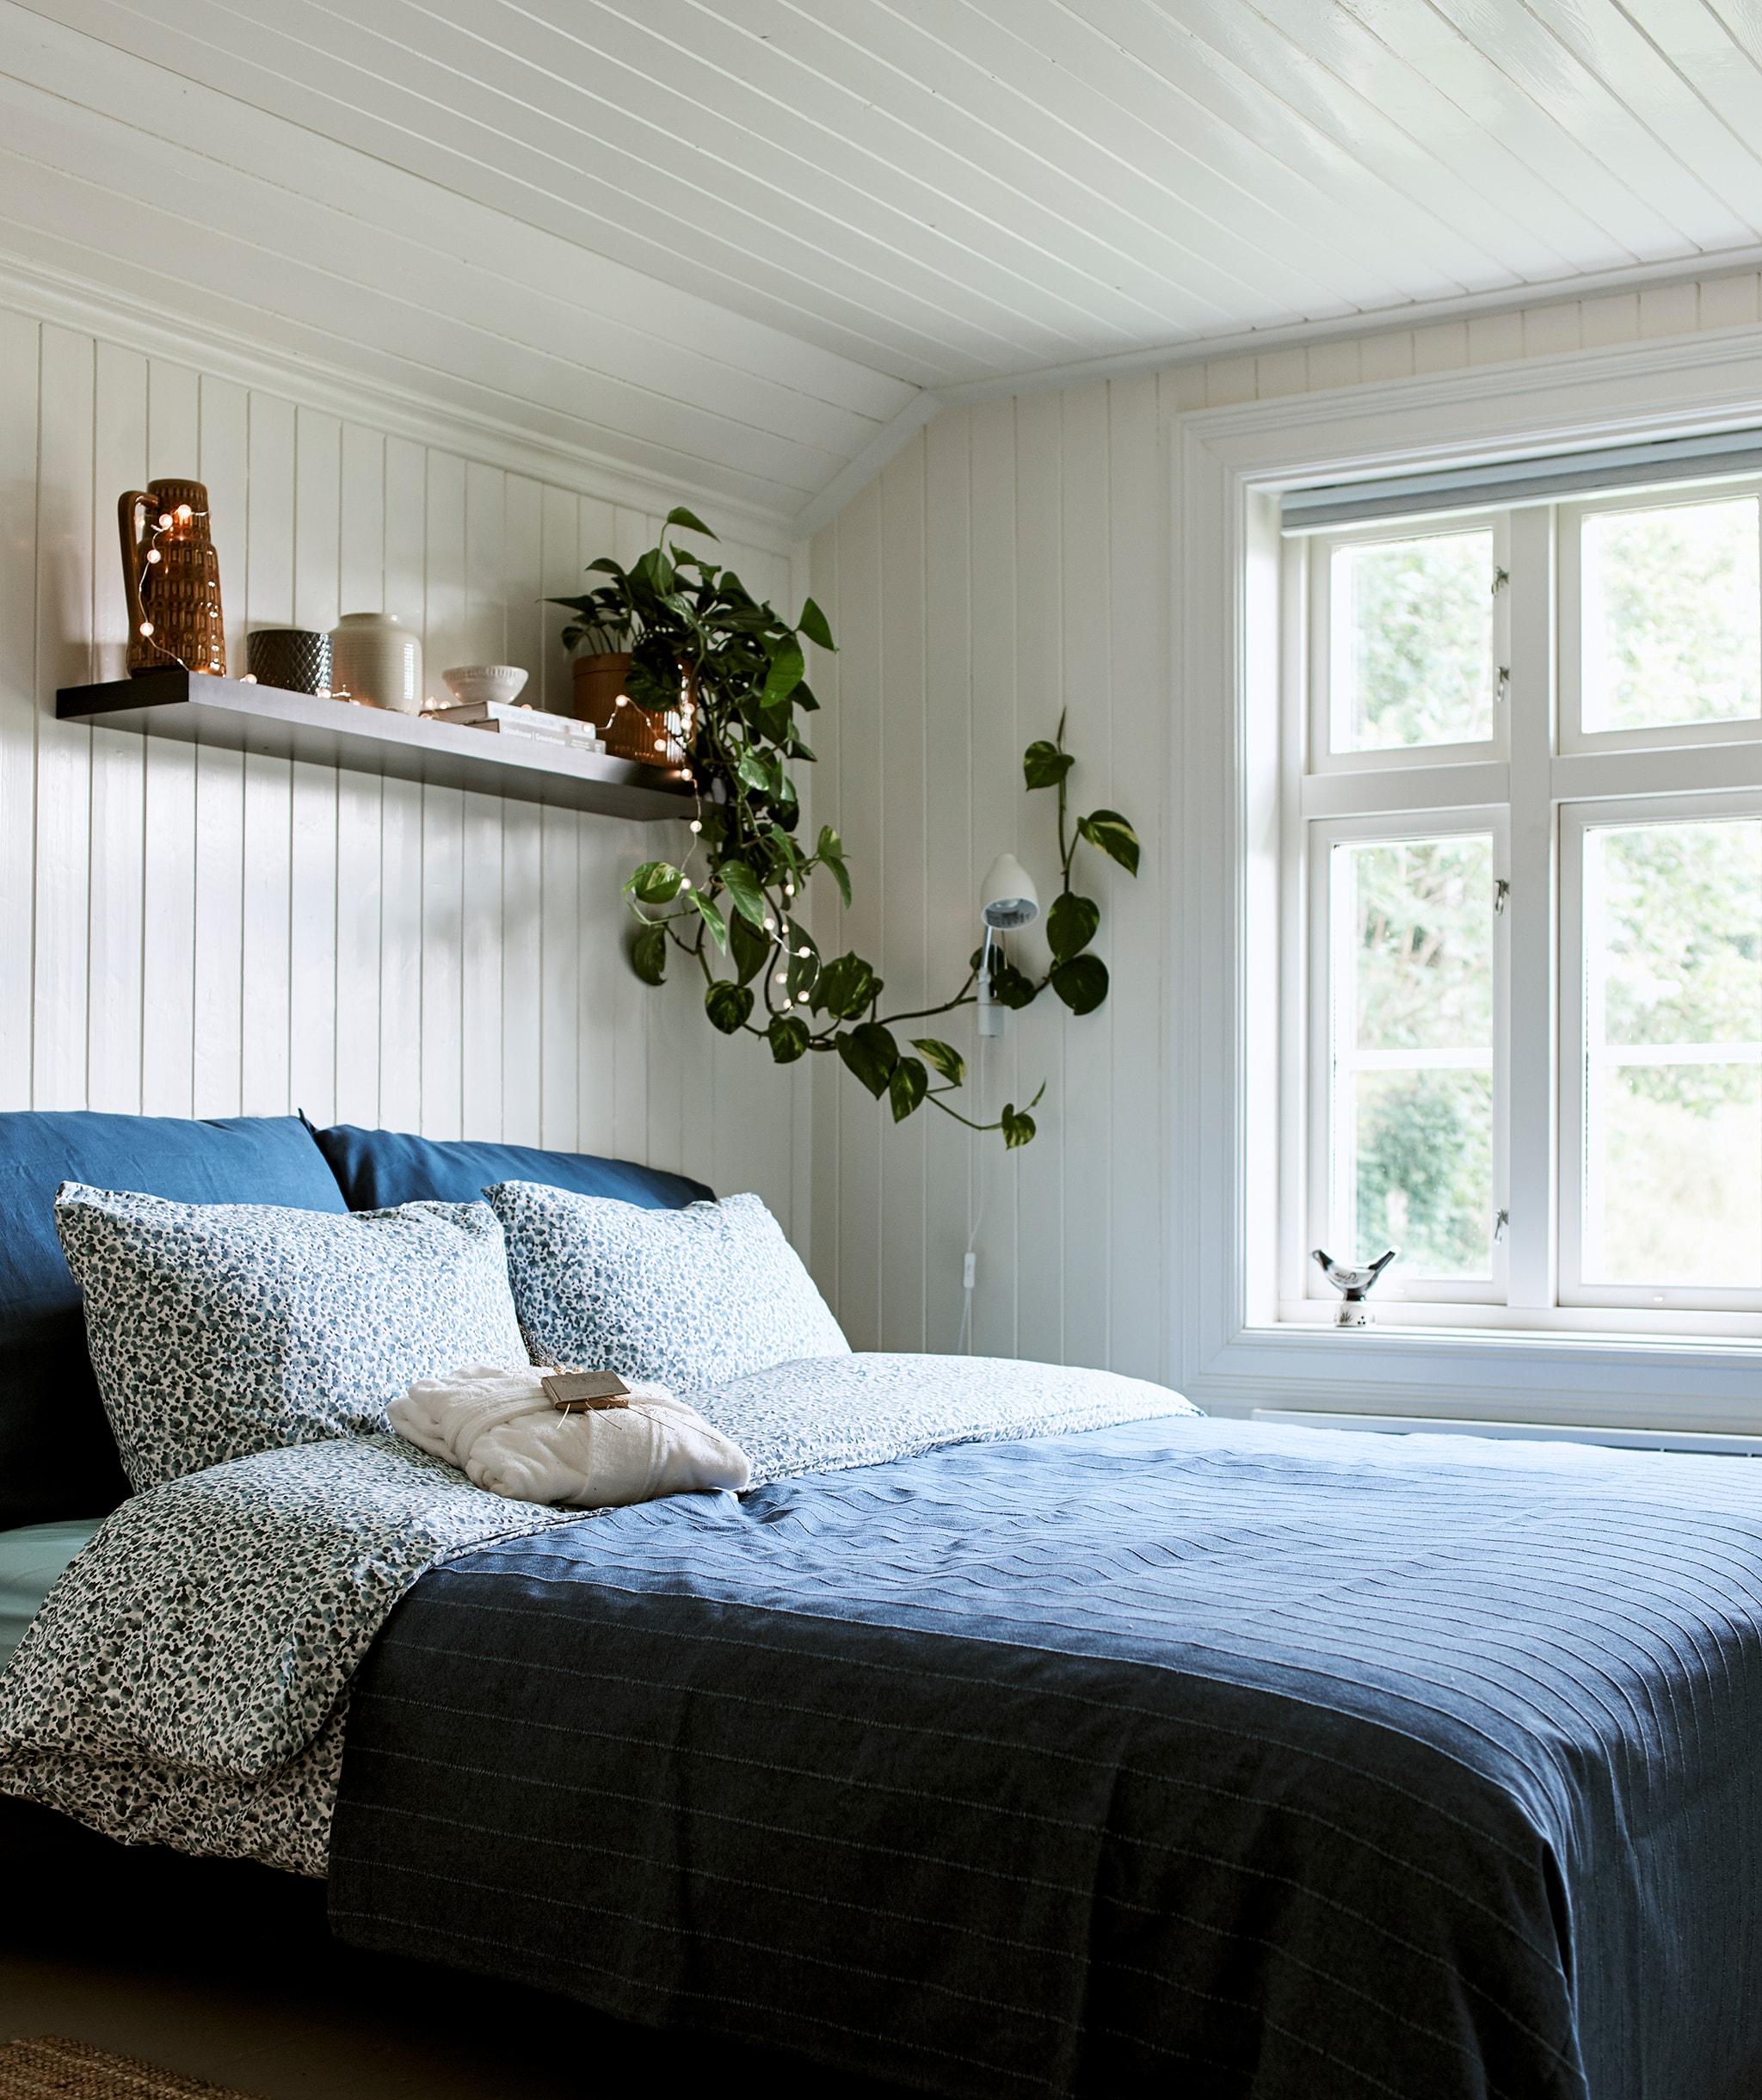 Kamar tidur dengan gaya rumah pertanian yang memiliki panel kayu putih dan tempat tidur dengan seprai biru dengan rak dinding di bagian atas untuk menyimpan dan memajang.